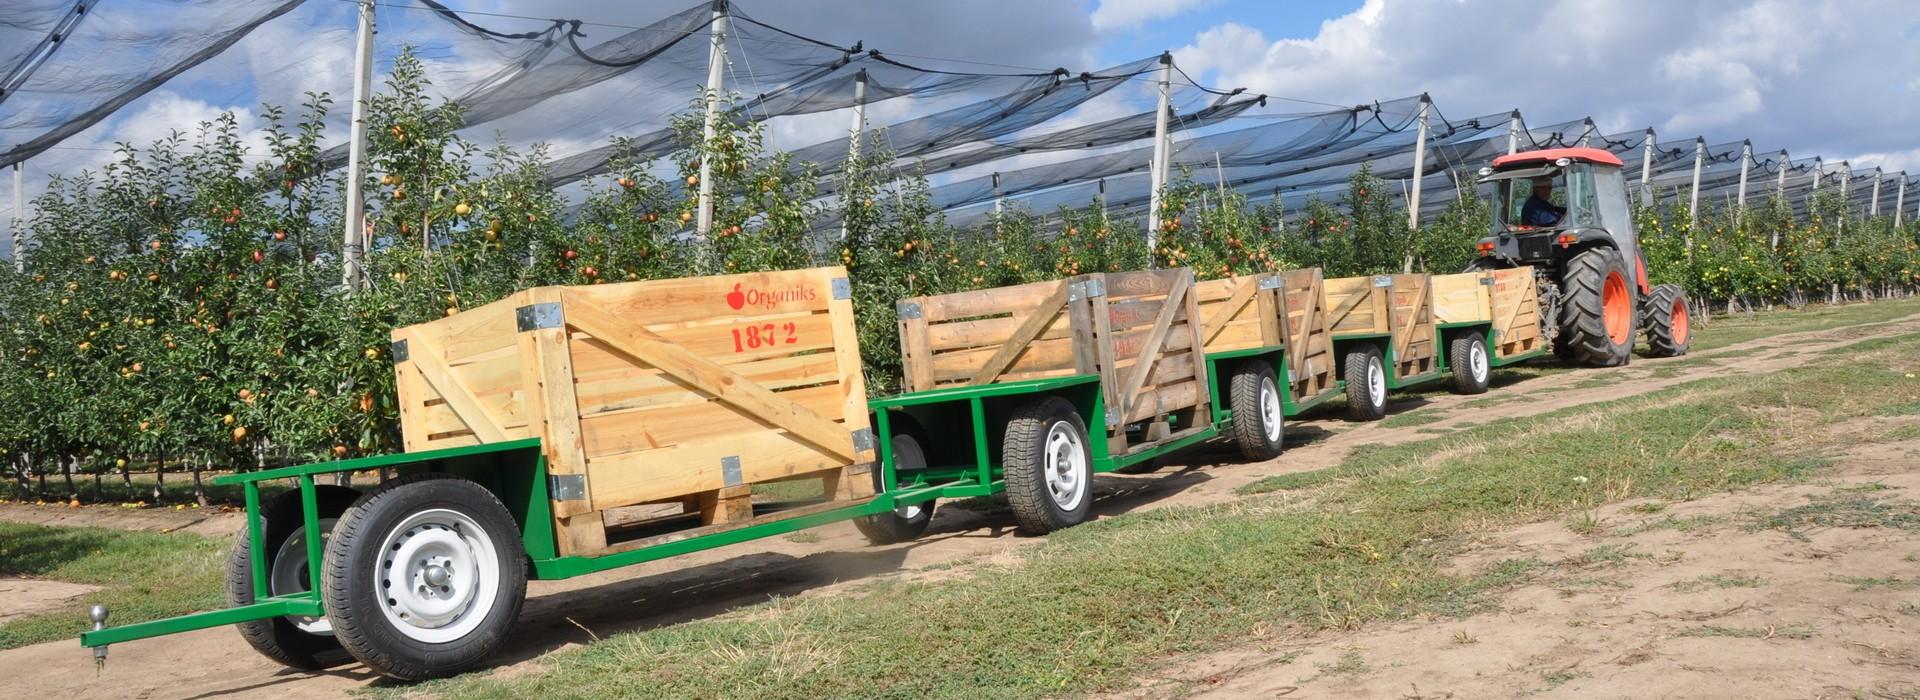 Удобная, надежная техника и оборудование для садоводства, ягодоводства